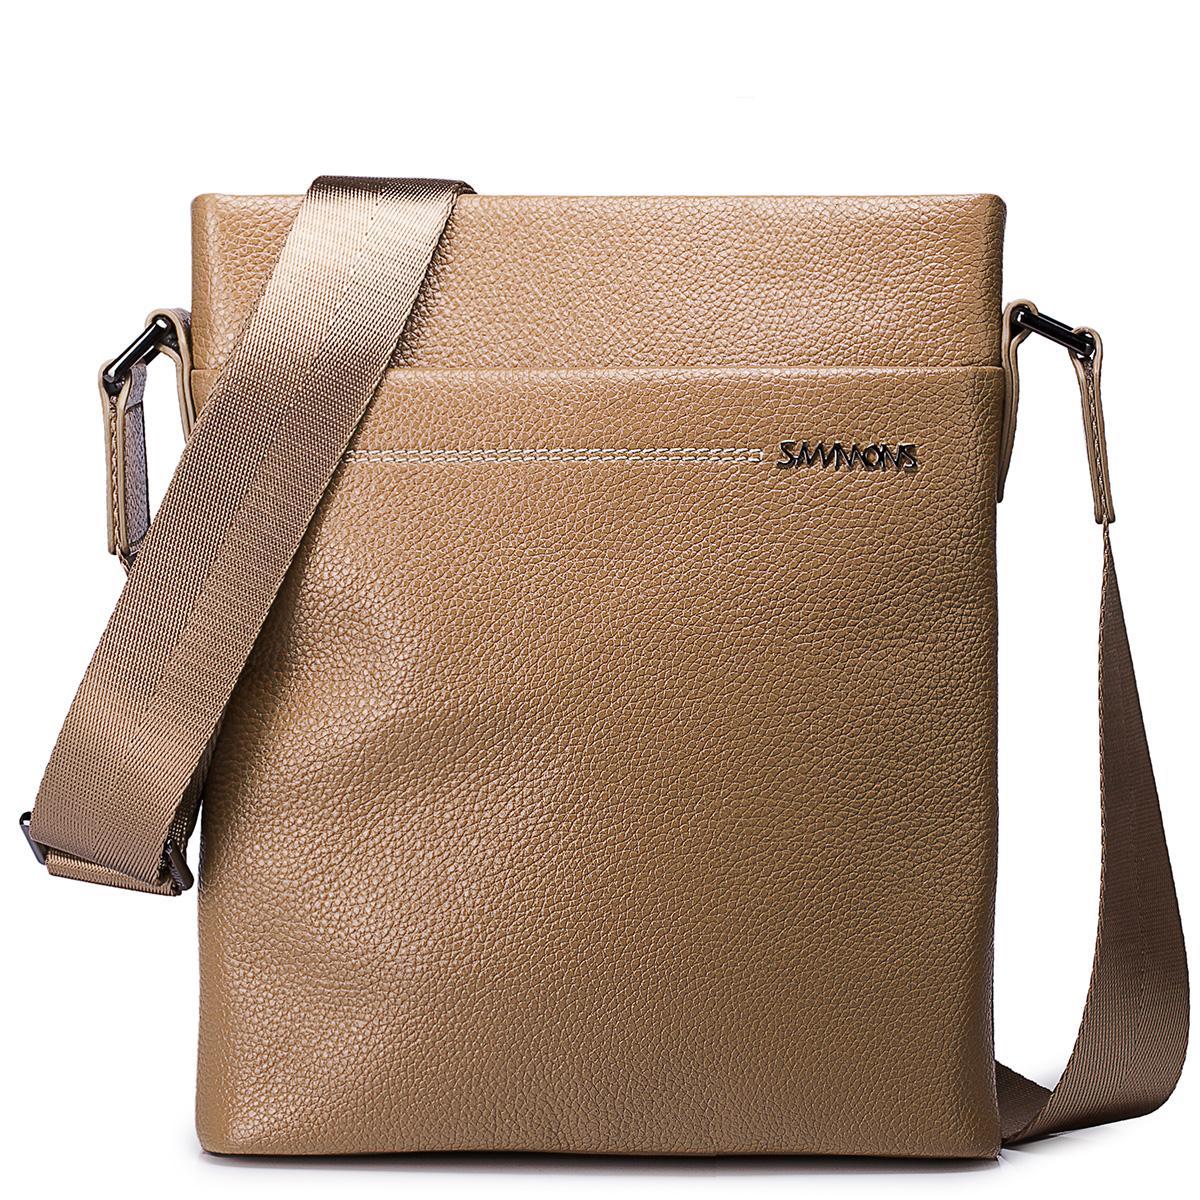 Pánská kožená taška přes rameno Sammons Small béžová